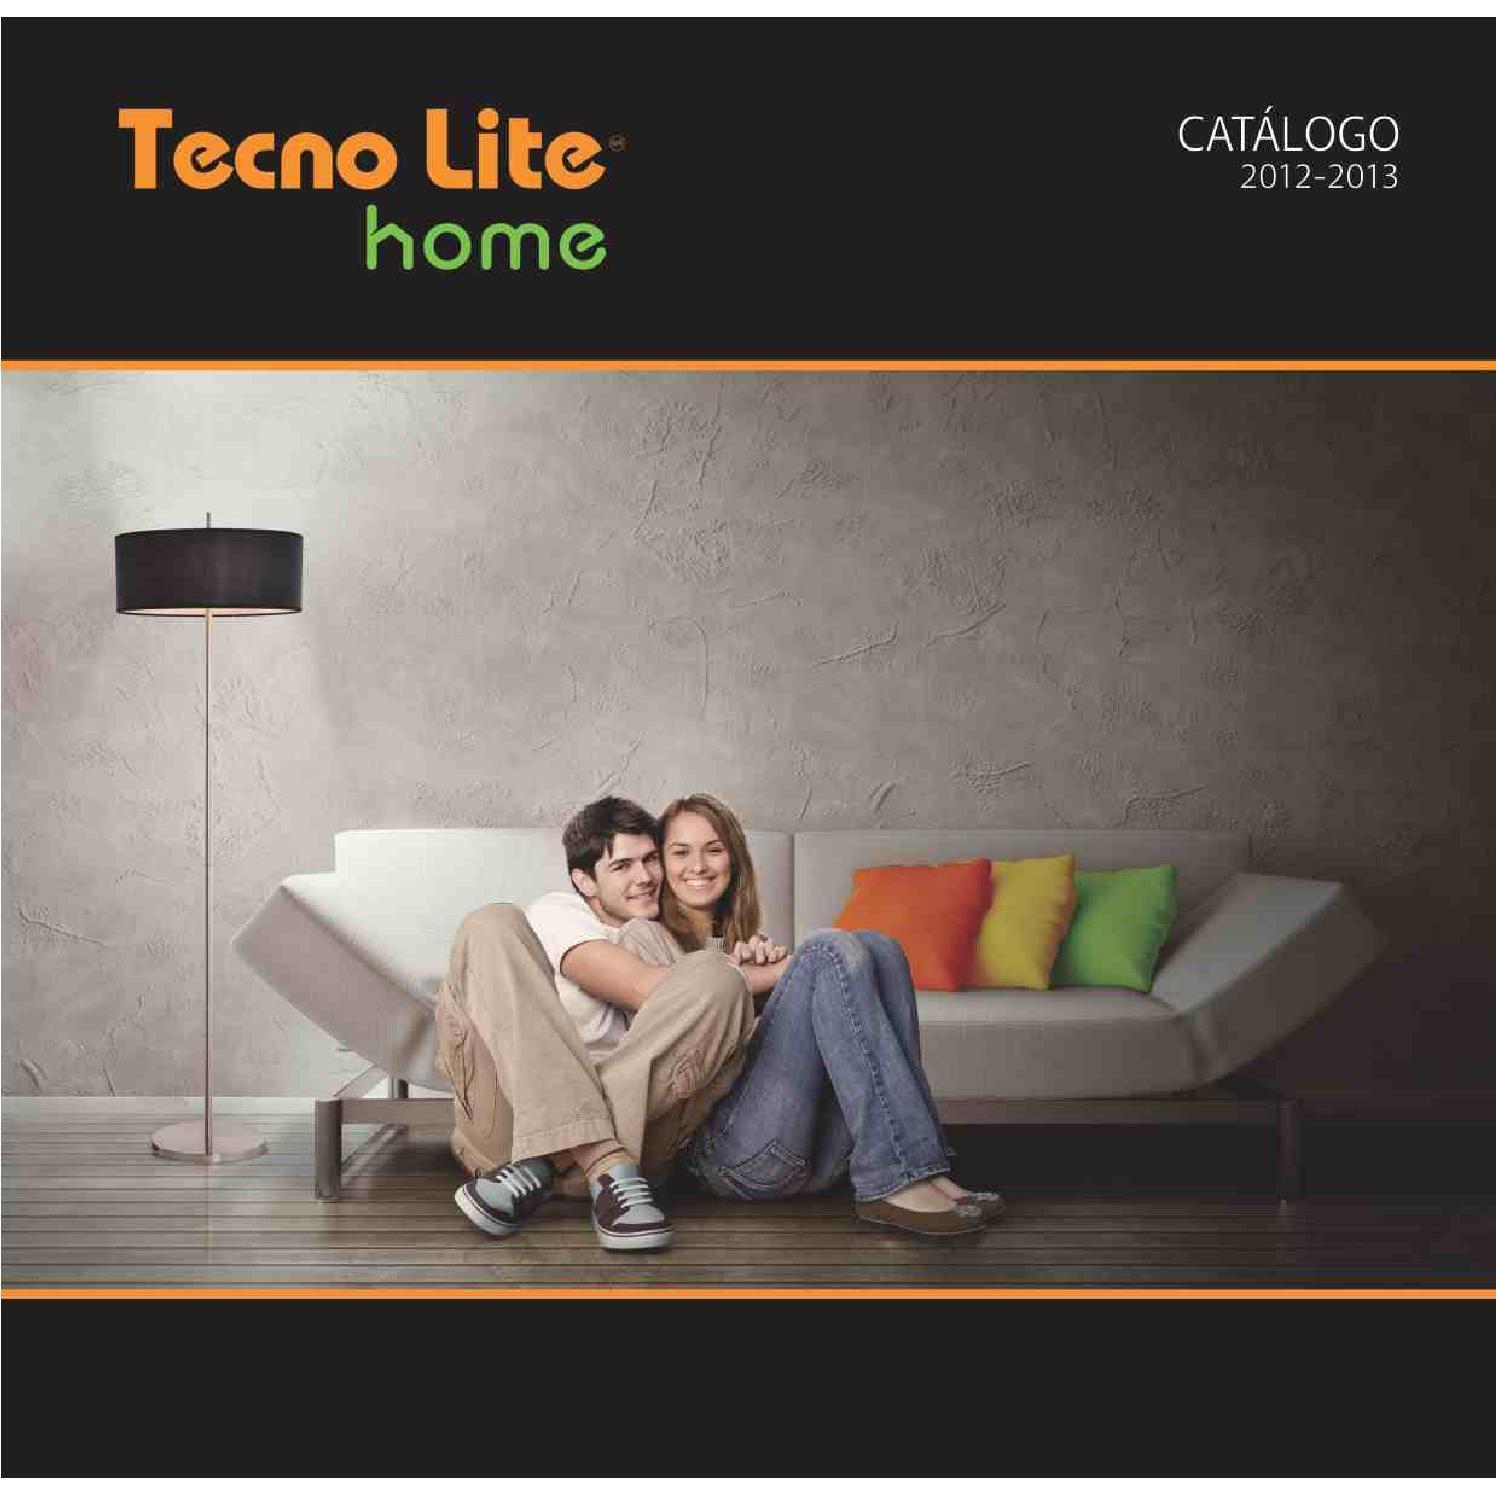 CATALOGO TECNOLITE 2012 PDF